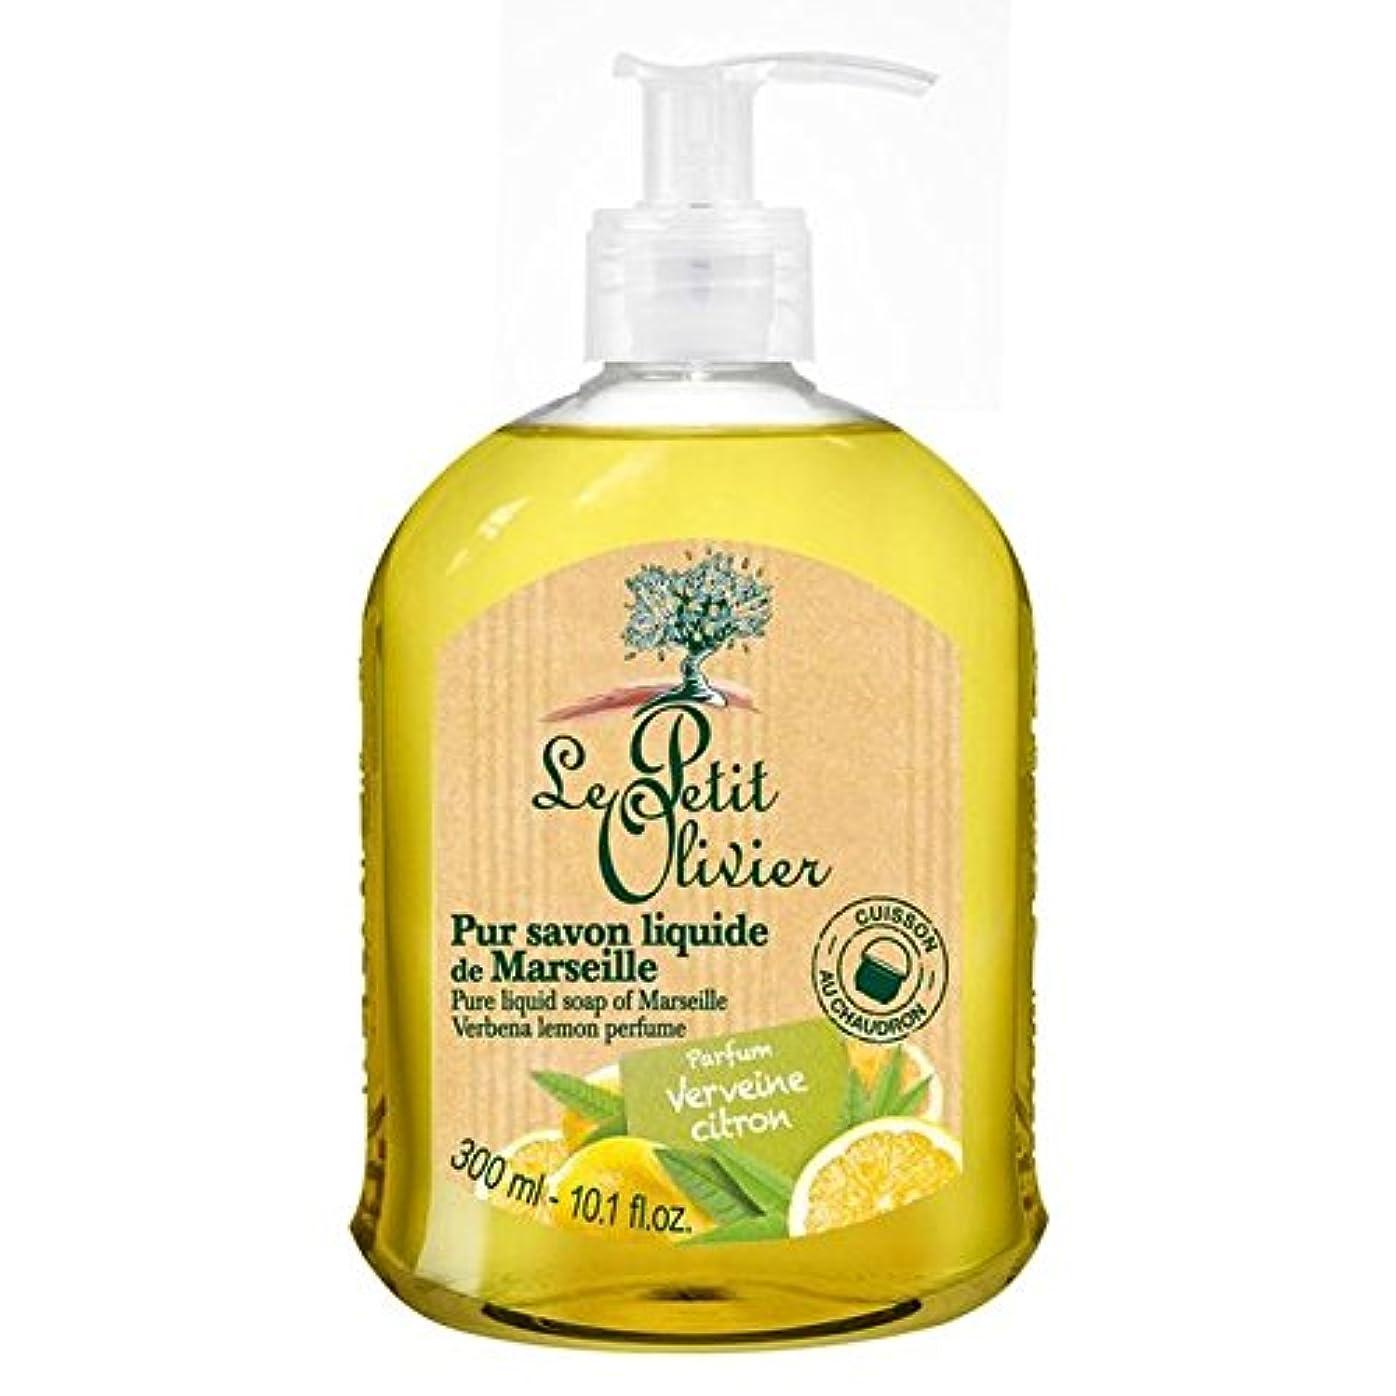 特権的光沢モンキーマルセイユのル?プティ?オリヴィエ純粋な液体石鹸、バーベナレモン300ミリリットル x2 - Le Petit Olivier Pure Liquid Soap of Marseille, Verbena Lemon 300ml...